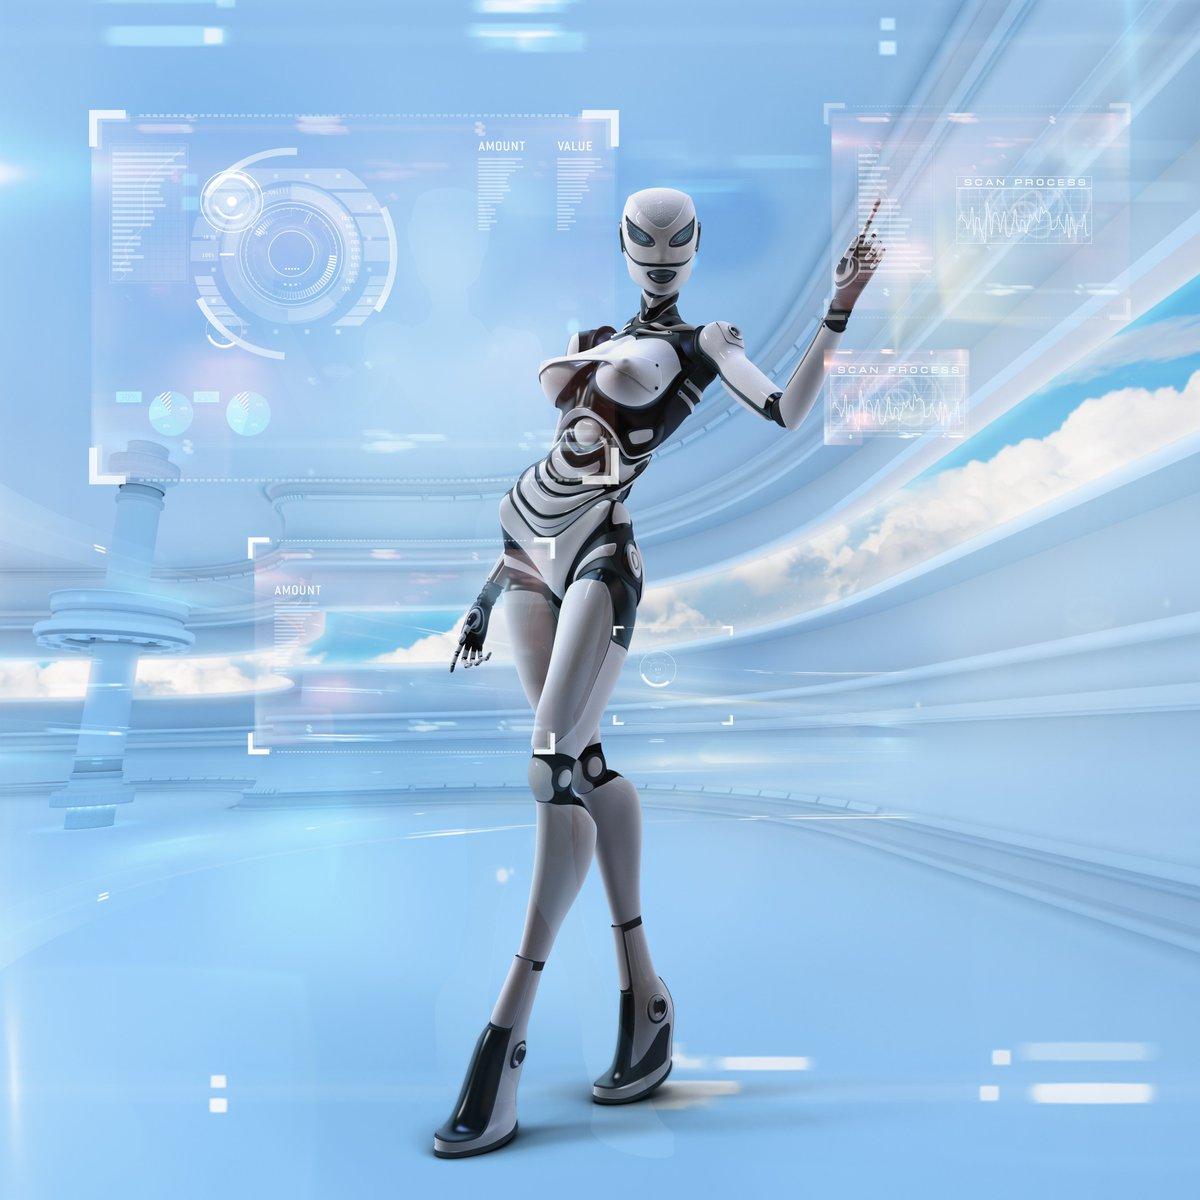 bināro opciju faili - Foster Swiss, Bināro opciju labāko robotu pārskats - Ubot algoritms